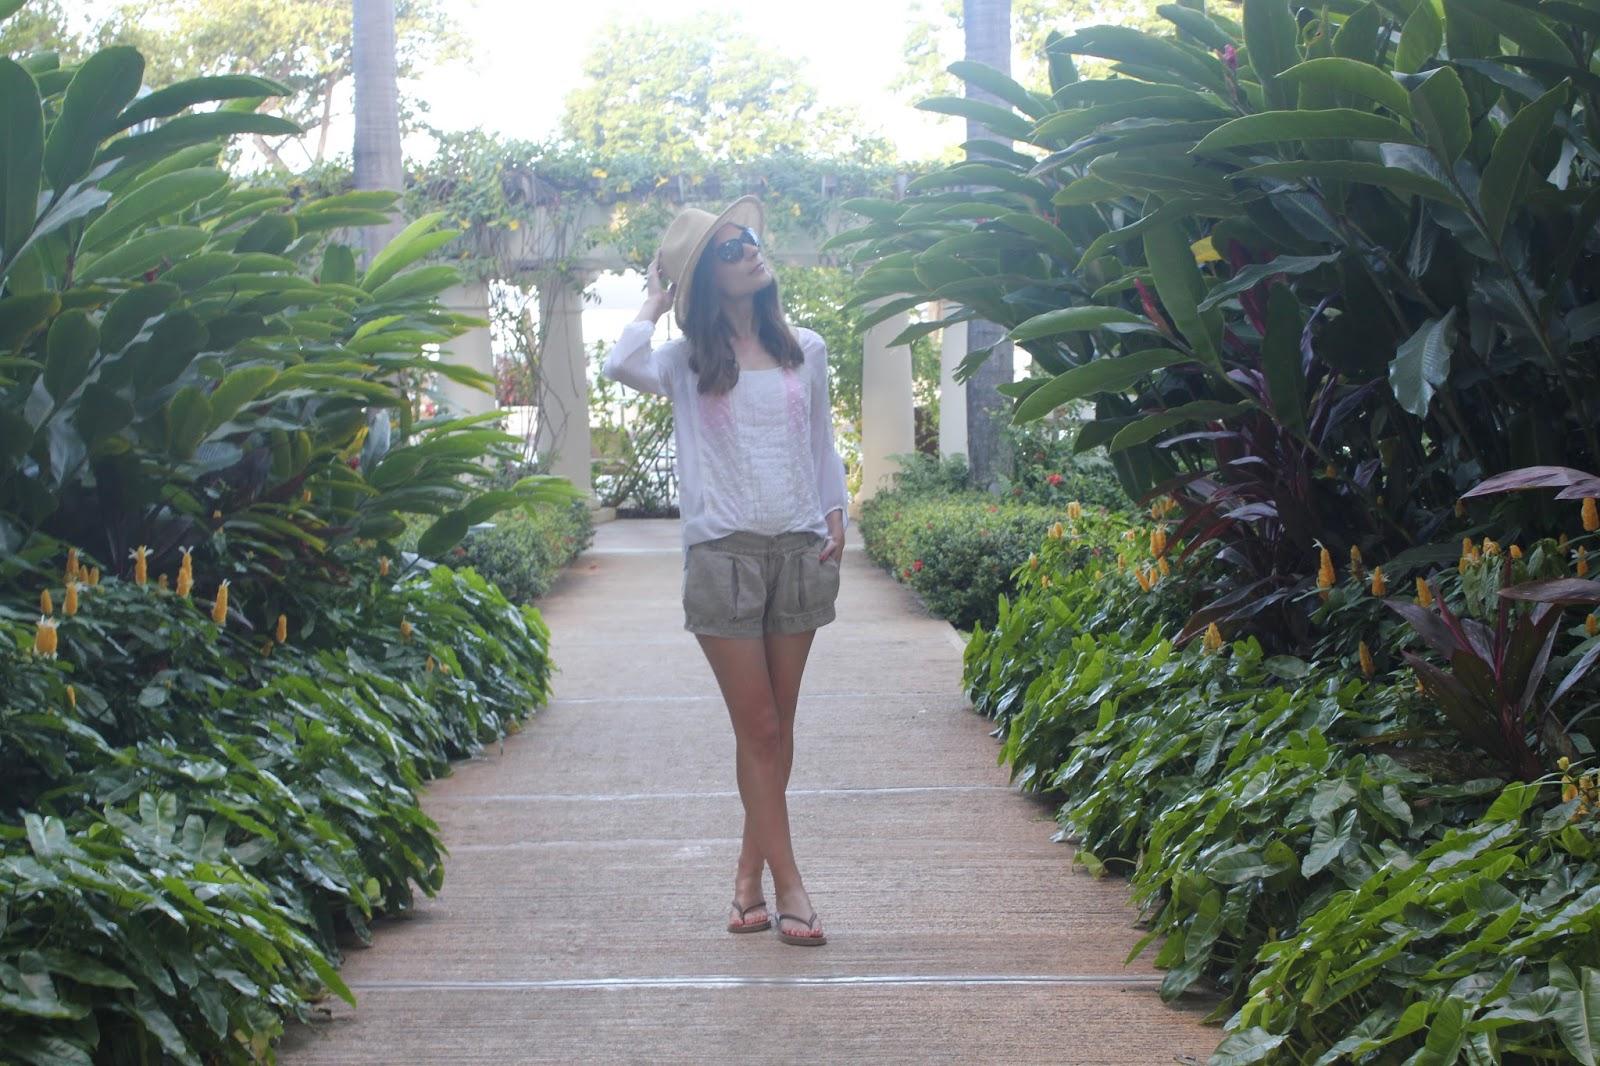 sunhat and safari kaki shorts